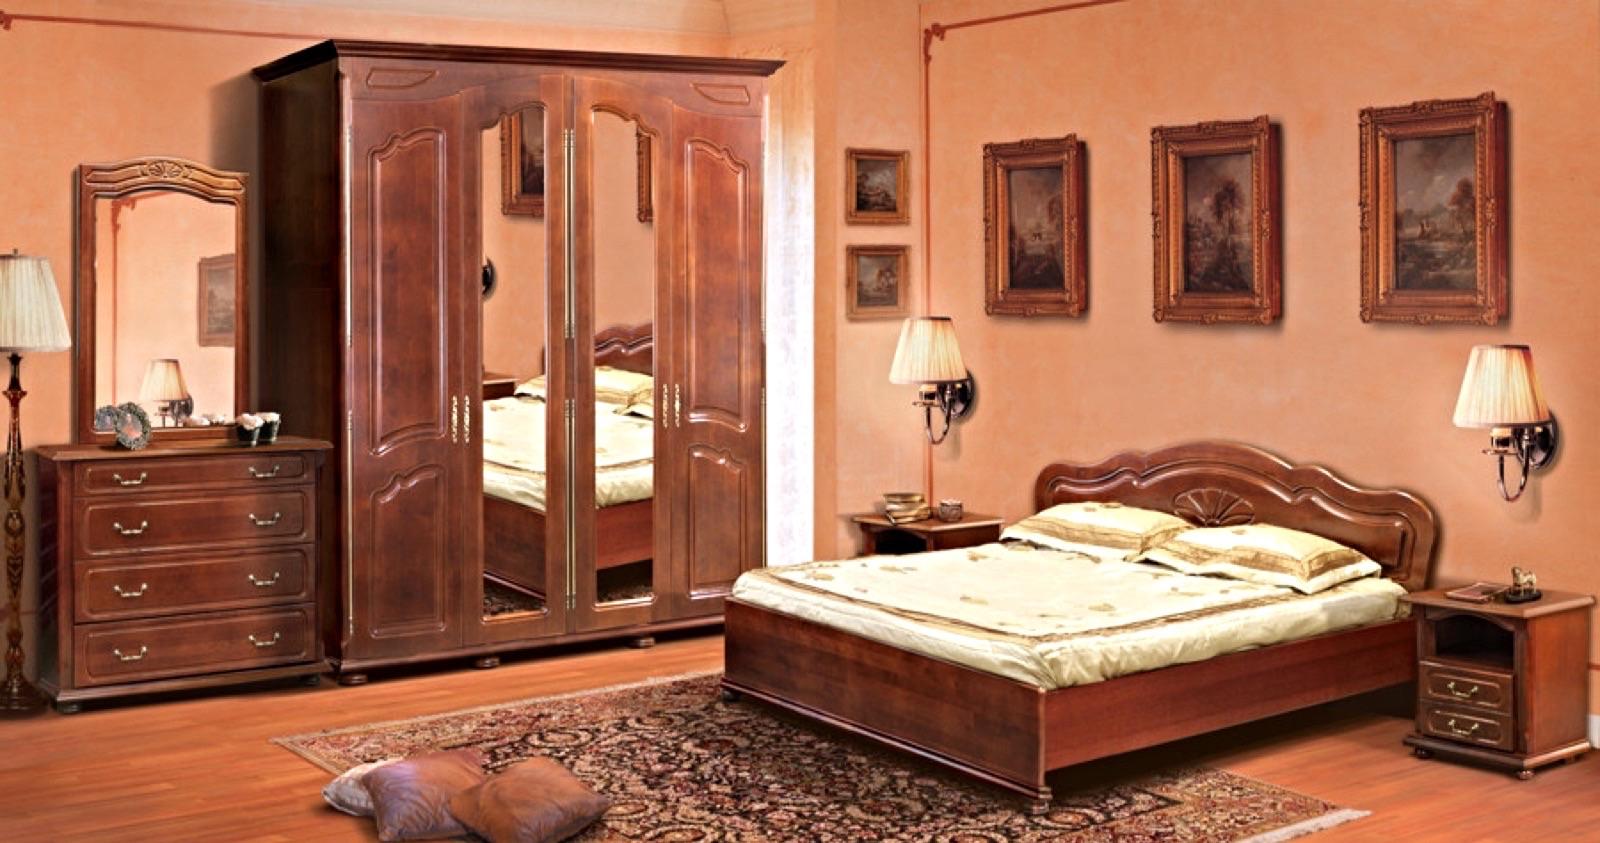 для оформления белорусская спальная мебель фото в уфе зарабатывать